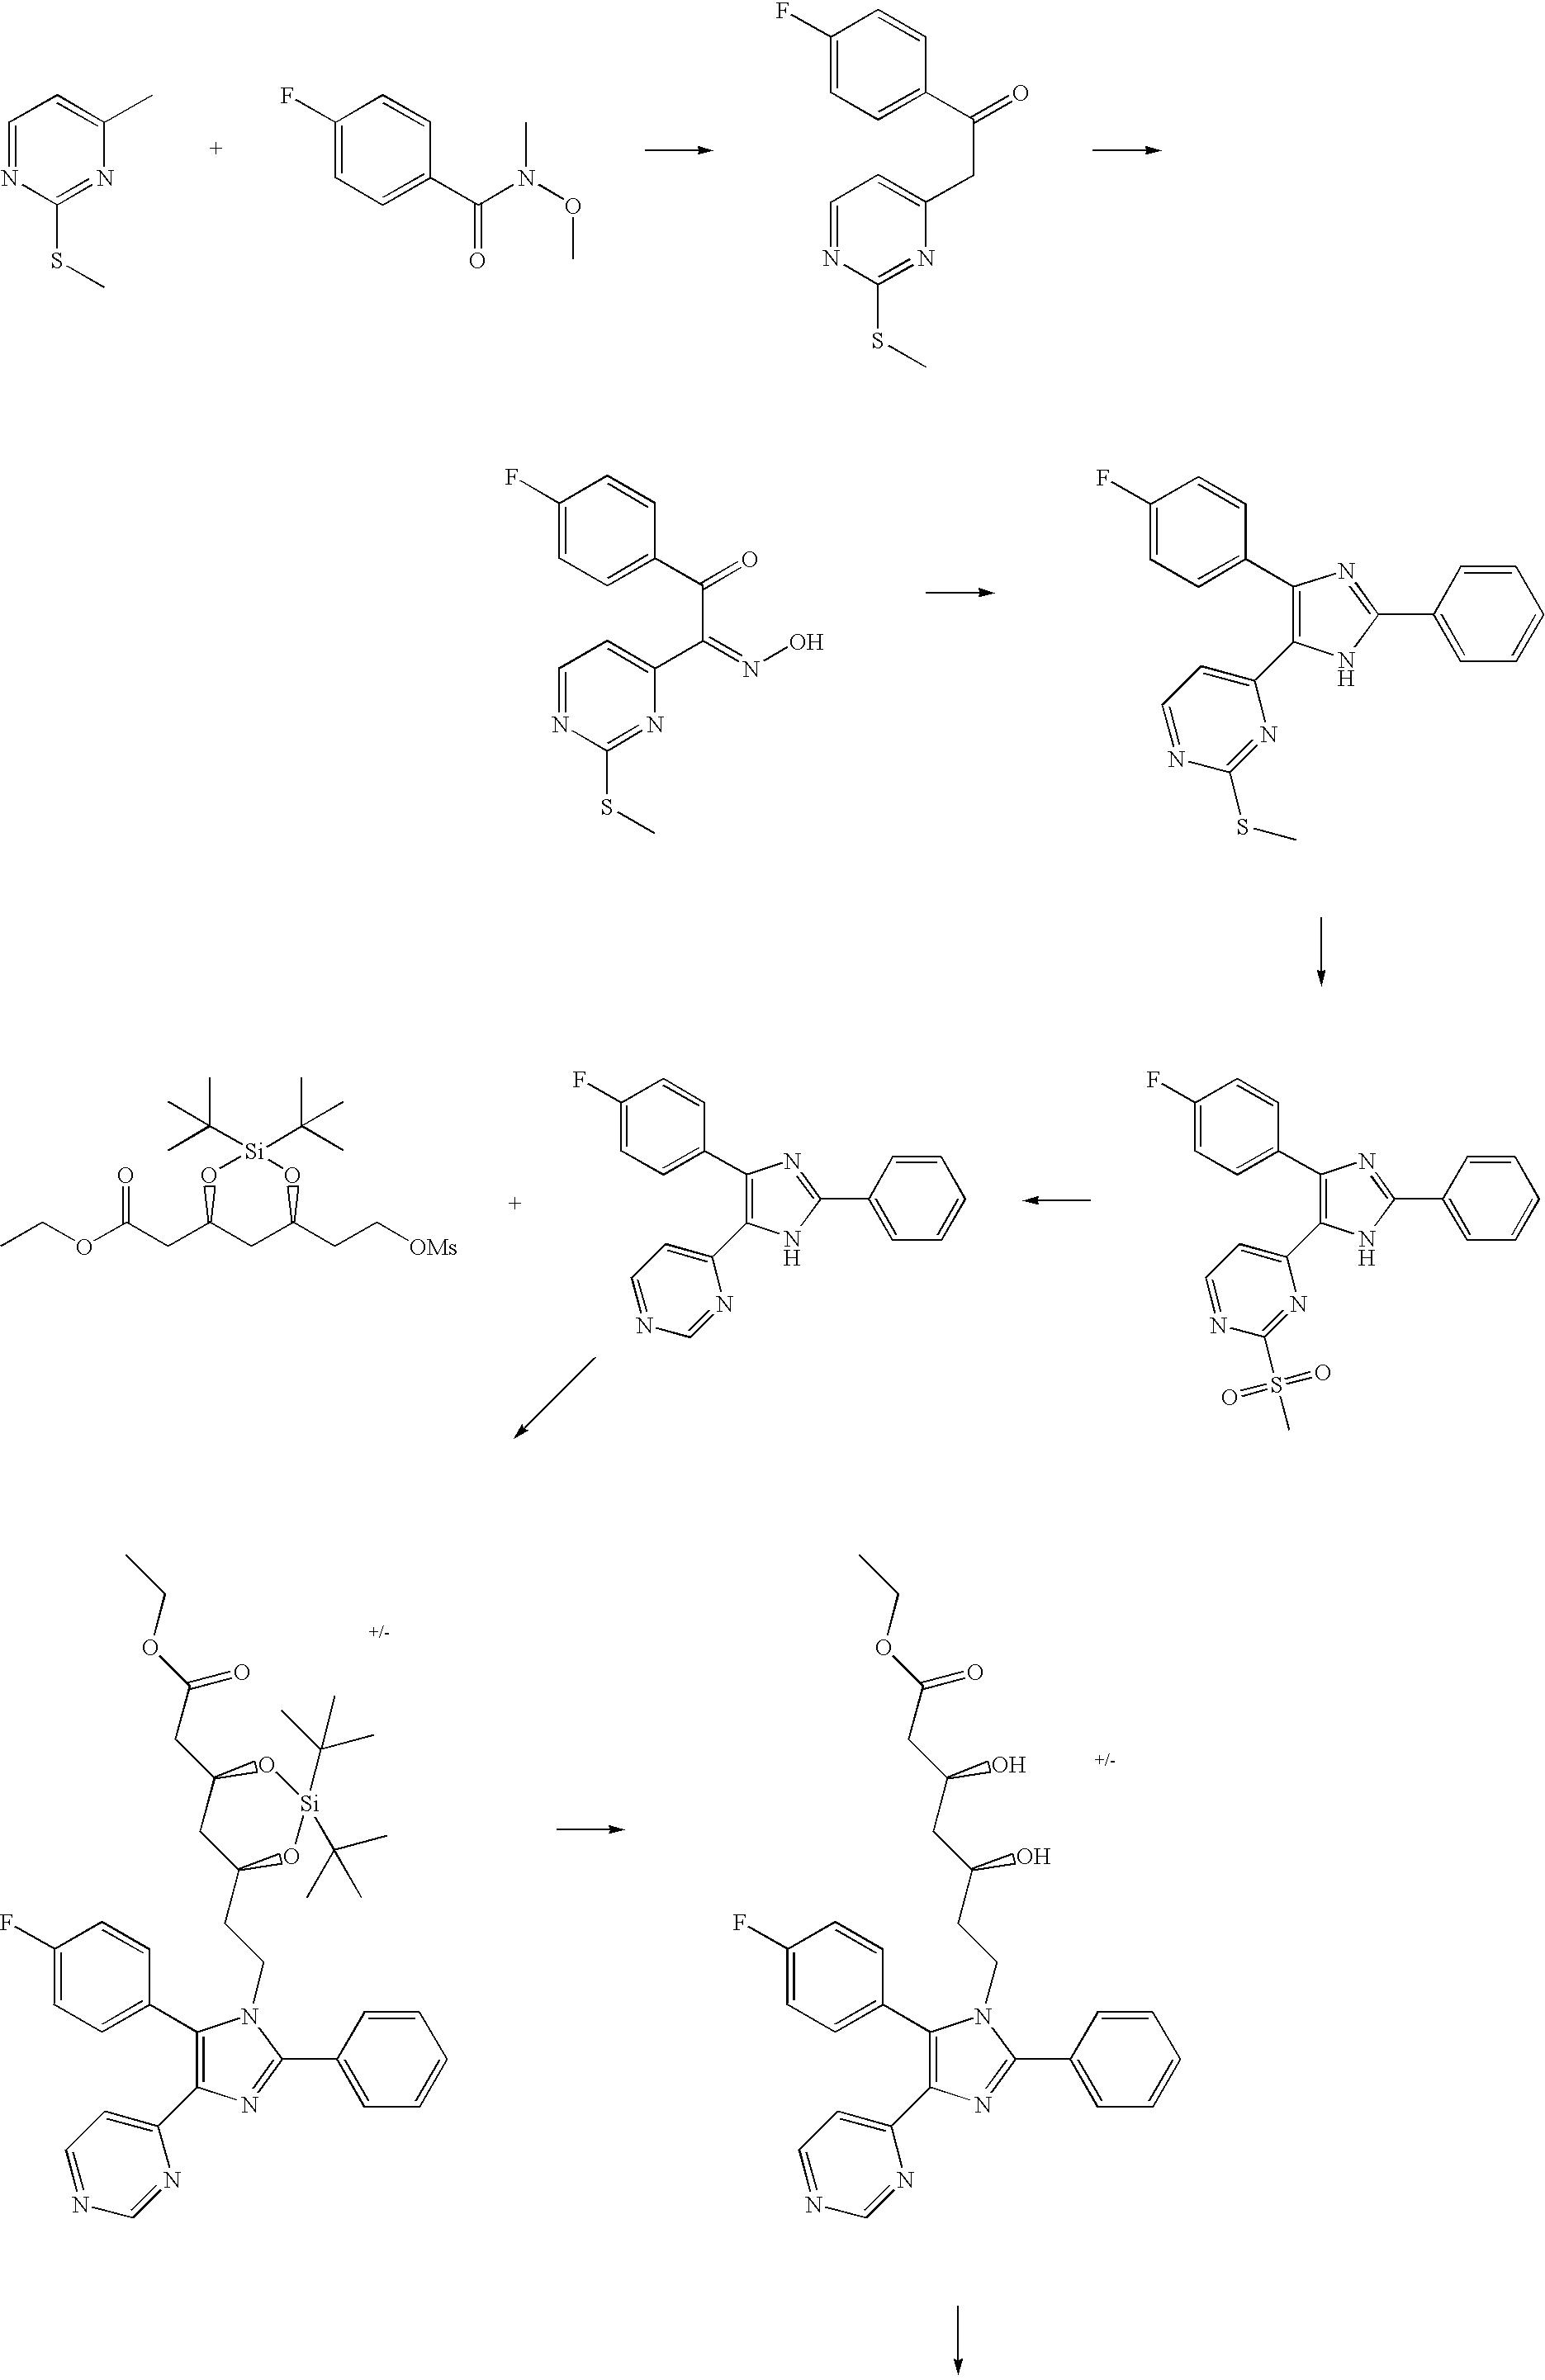 Figure US20050261354A1-20051124-C00200